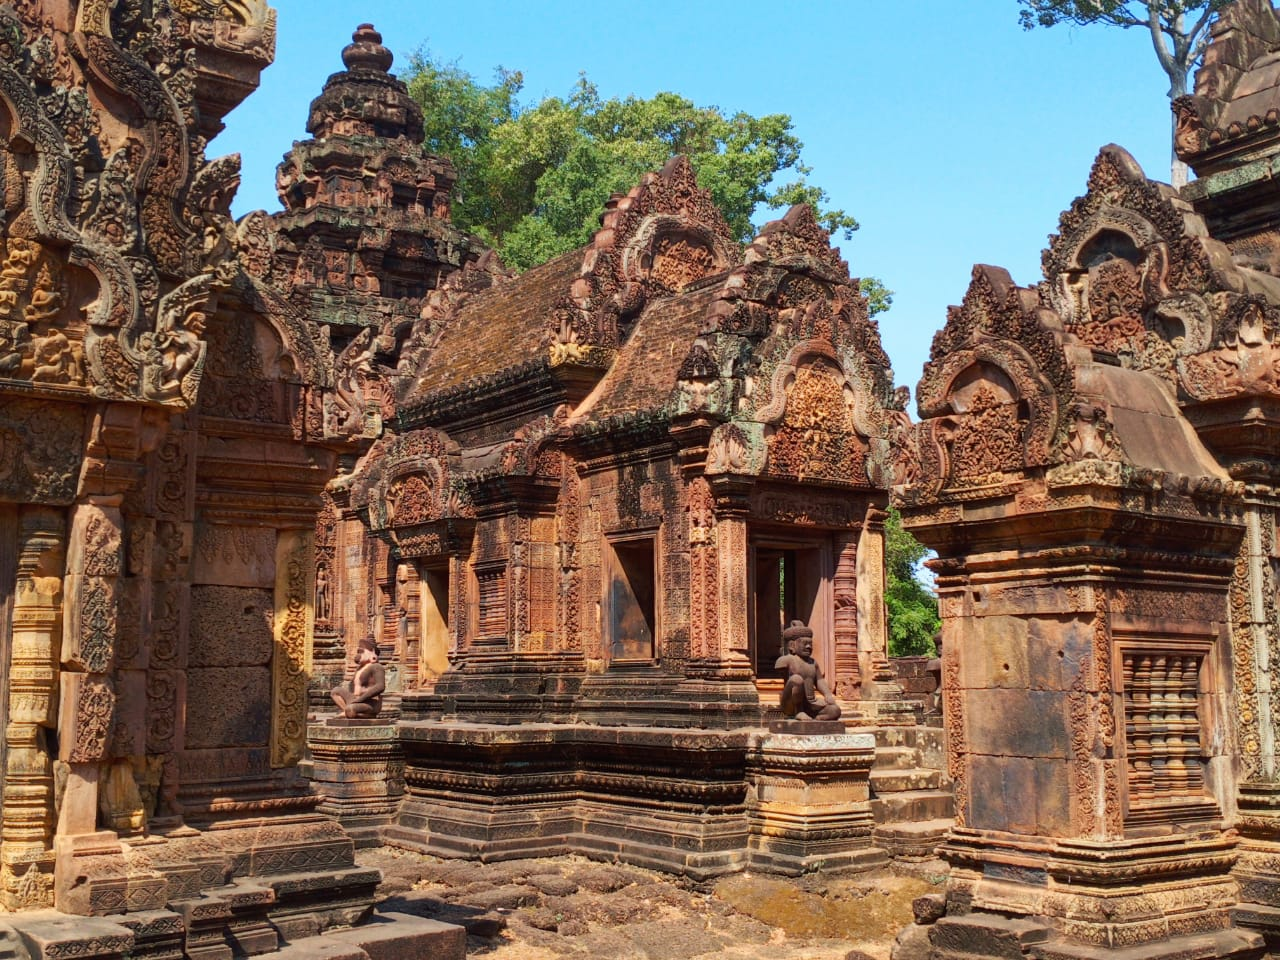 Banteay SreyBanteay Srey